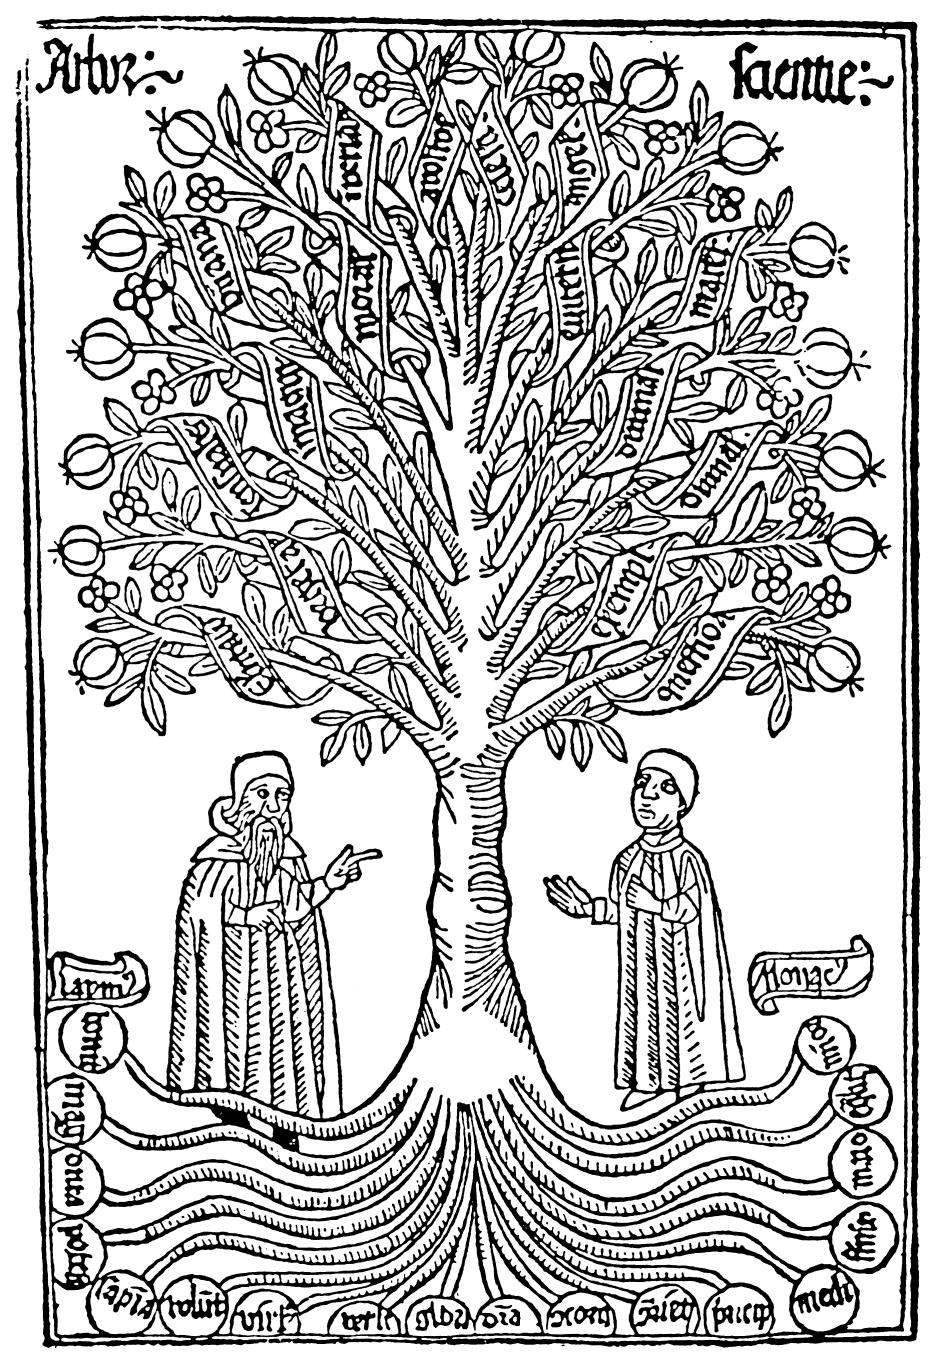 arbor scientiae - Baum des Wissens